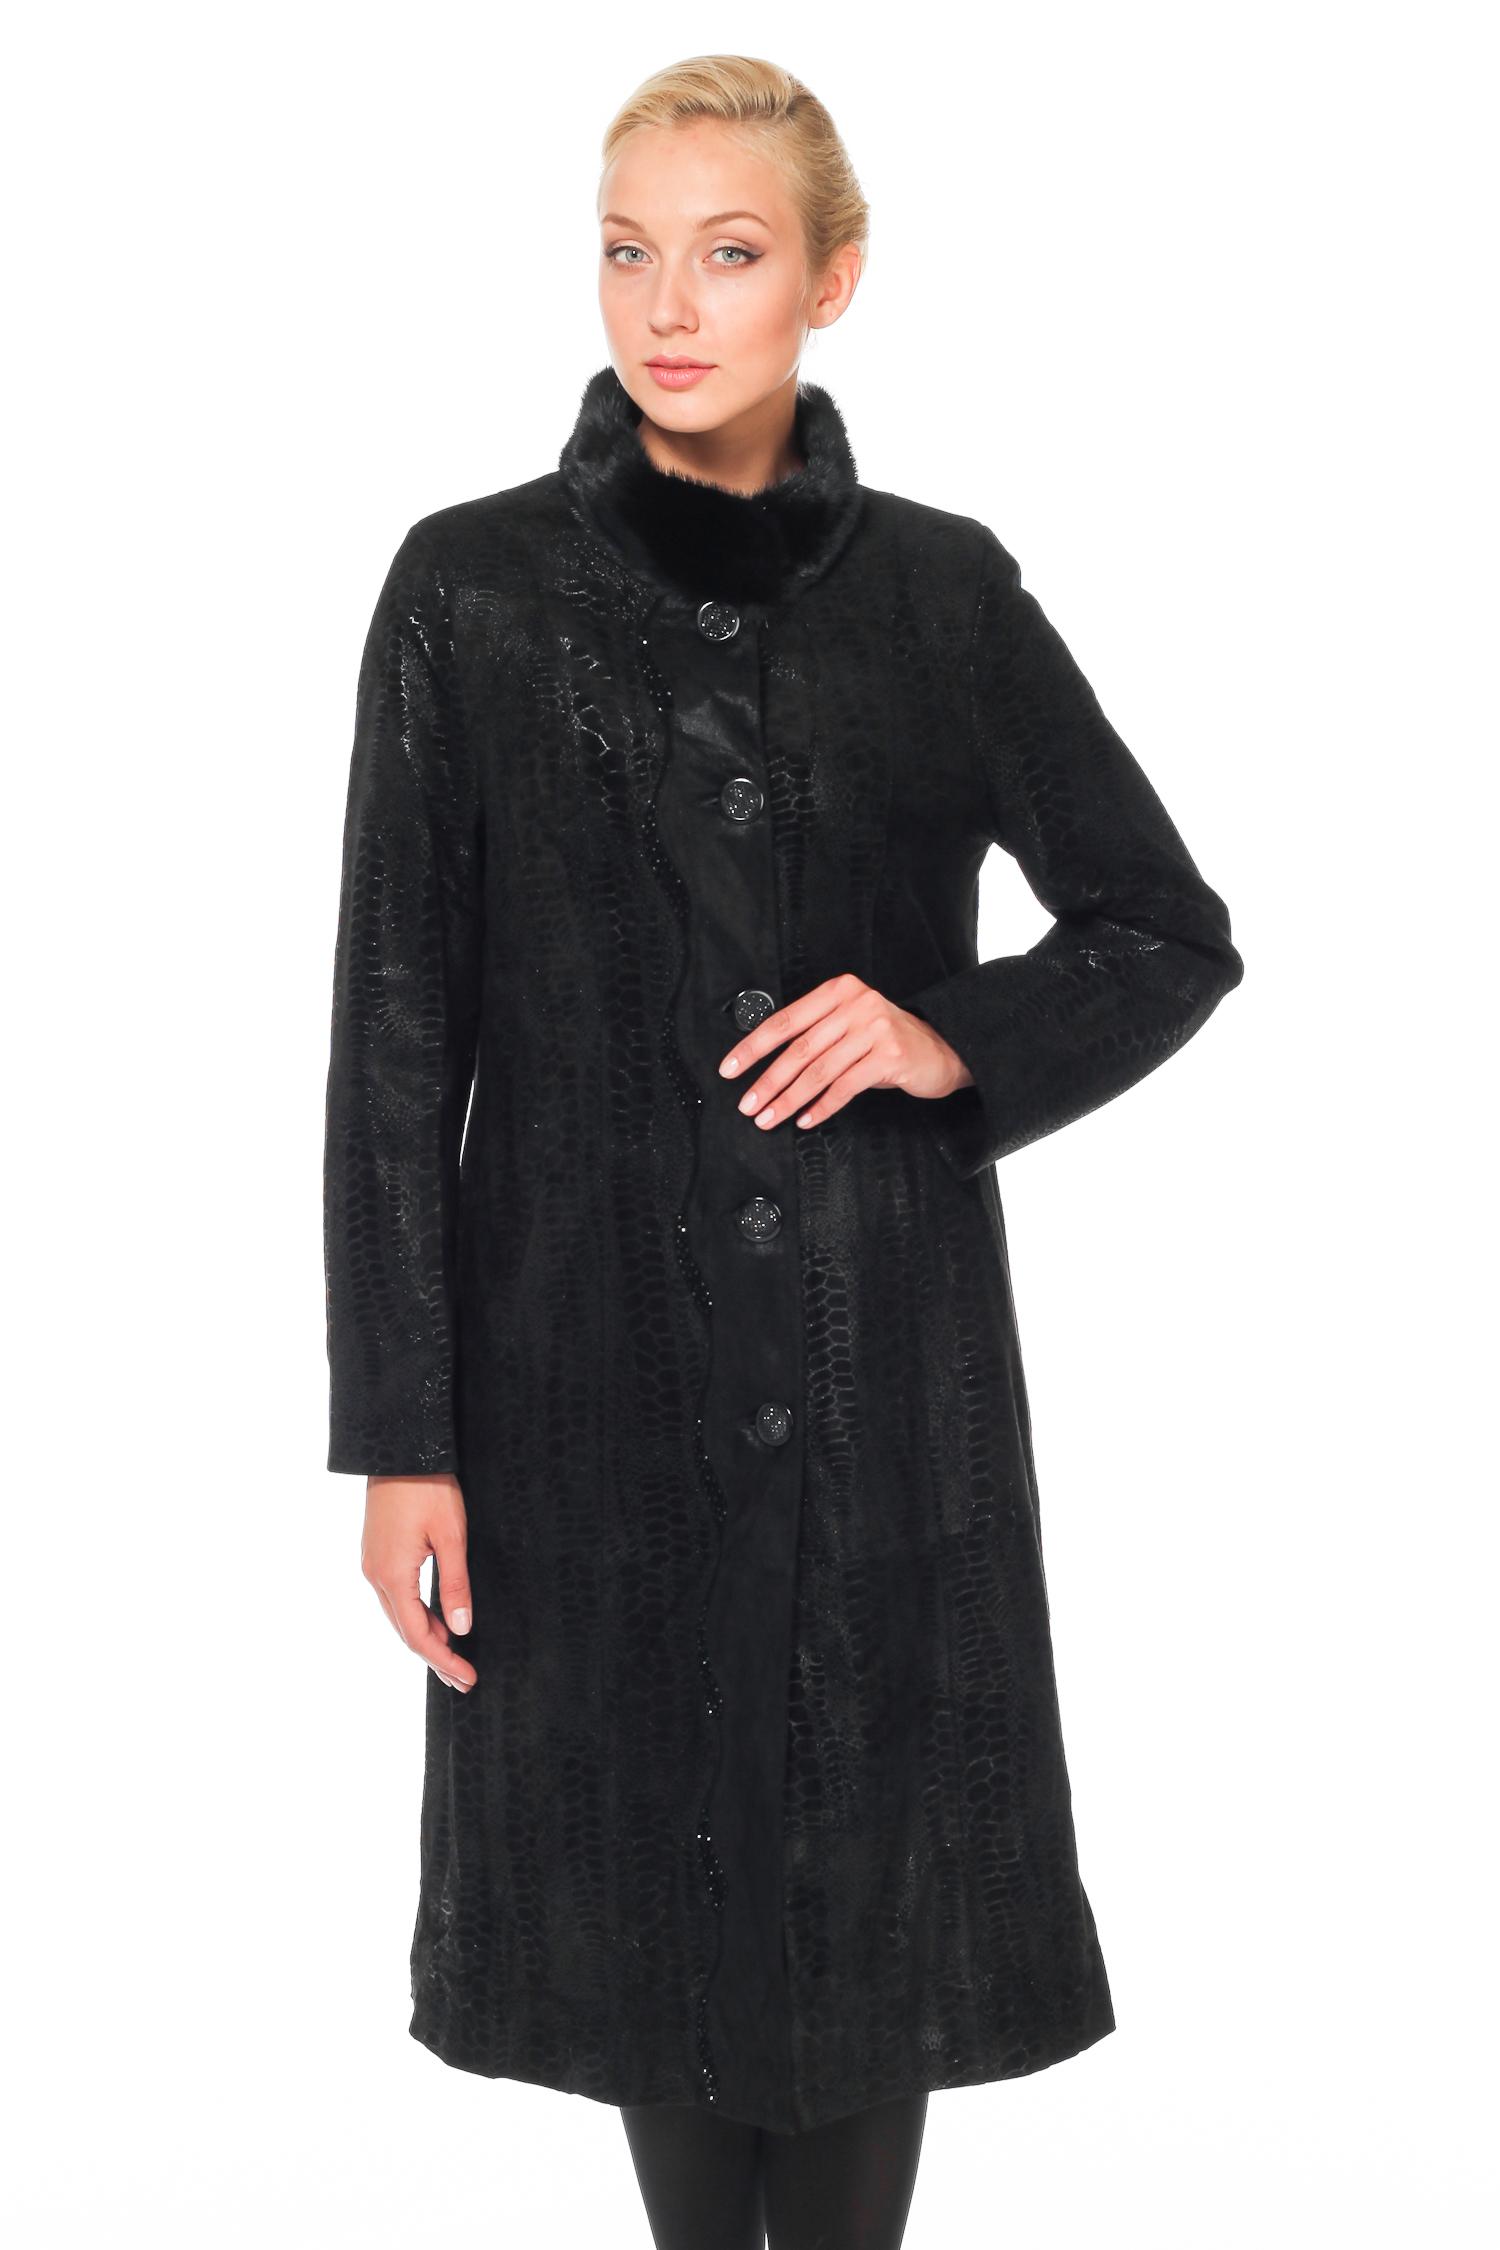 Женское кожаное пальто из натуральной замши с воротником, отделка норка Женское кожаное пальто из натуральной замши с воротником, отделка норка